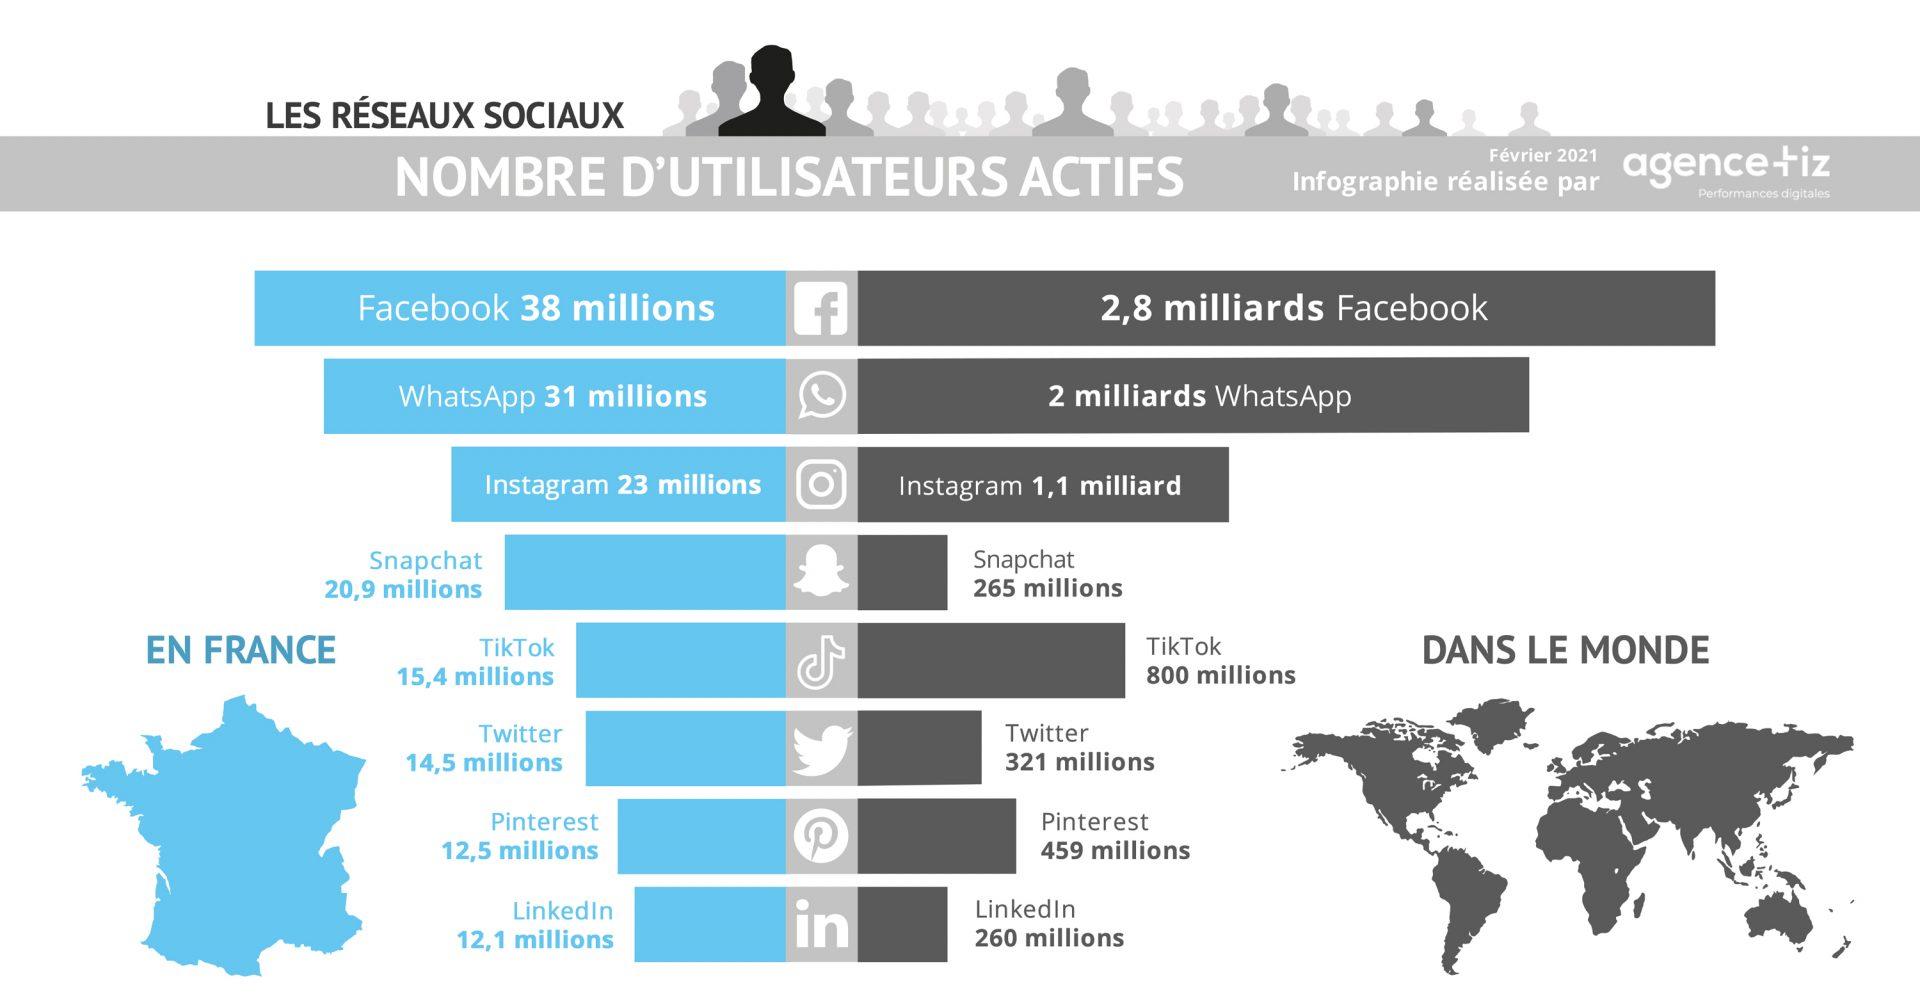 Classement des réseaux sociaux en France et dans le monde en 2021